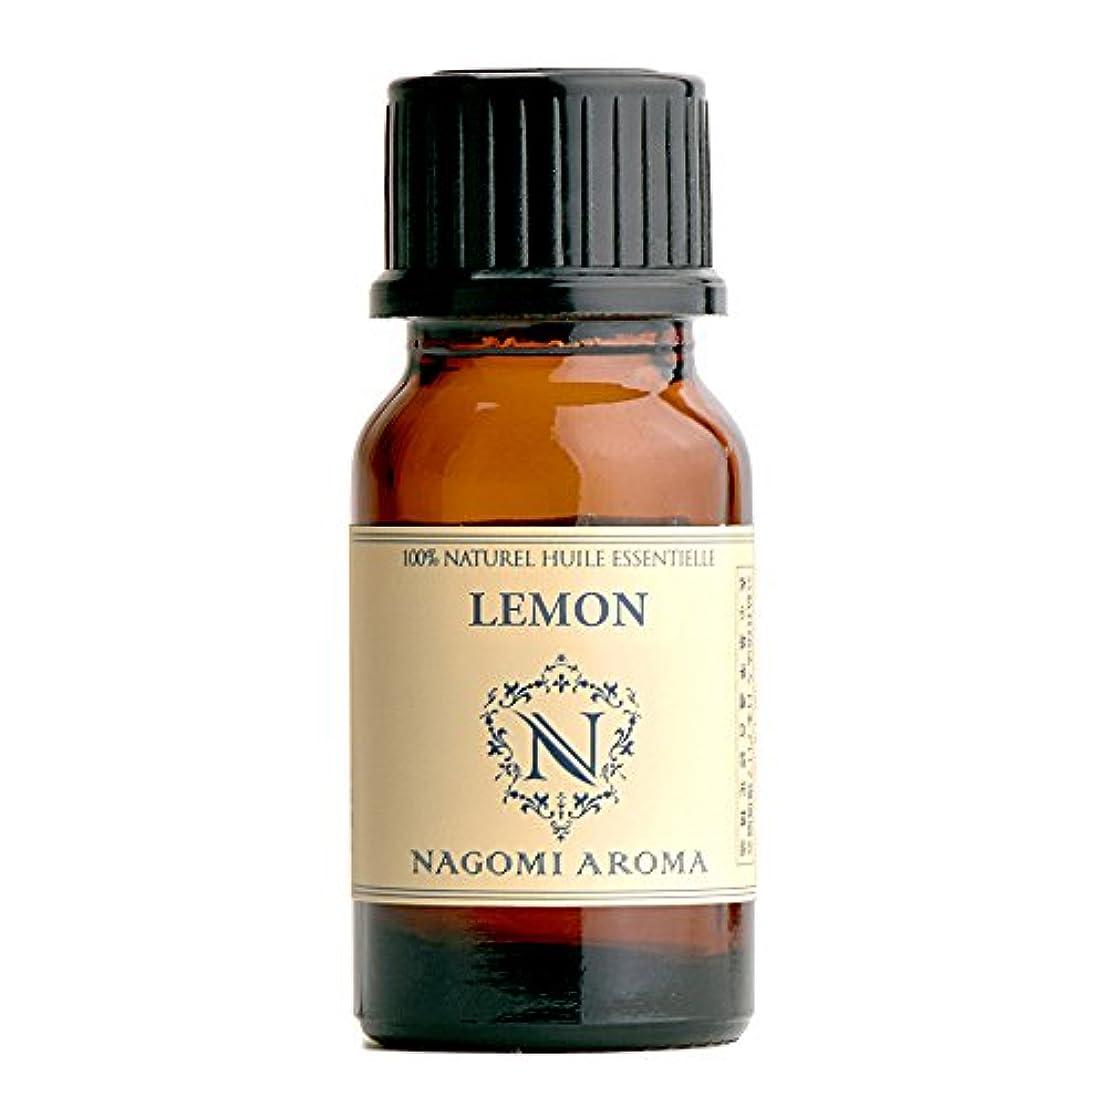 肝スパイ同志NAGOMI AROMA レモン 10ml 【AEAJ認定精油】【アロマオイル】